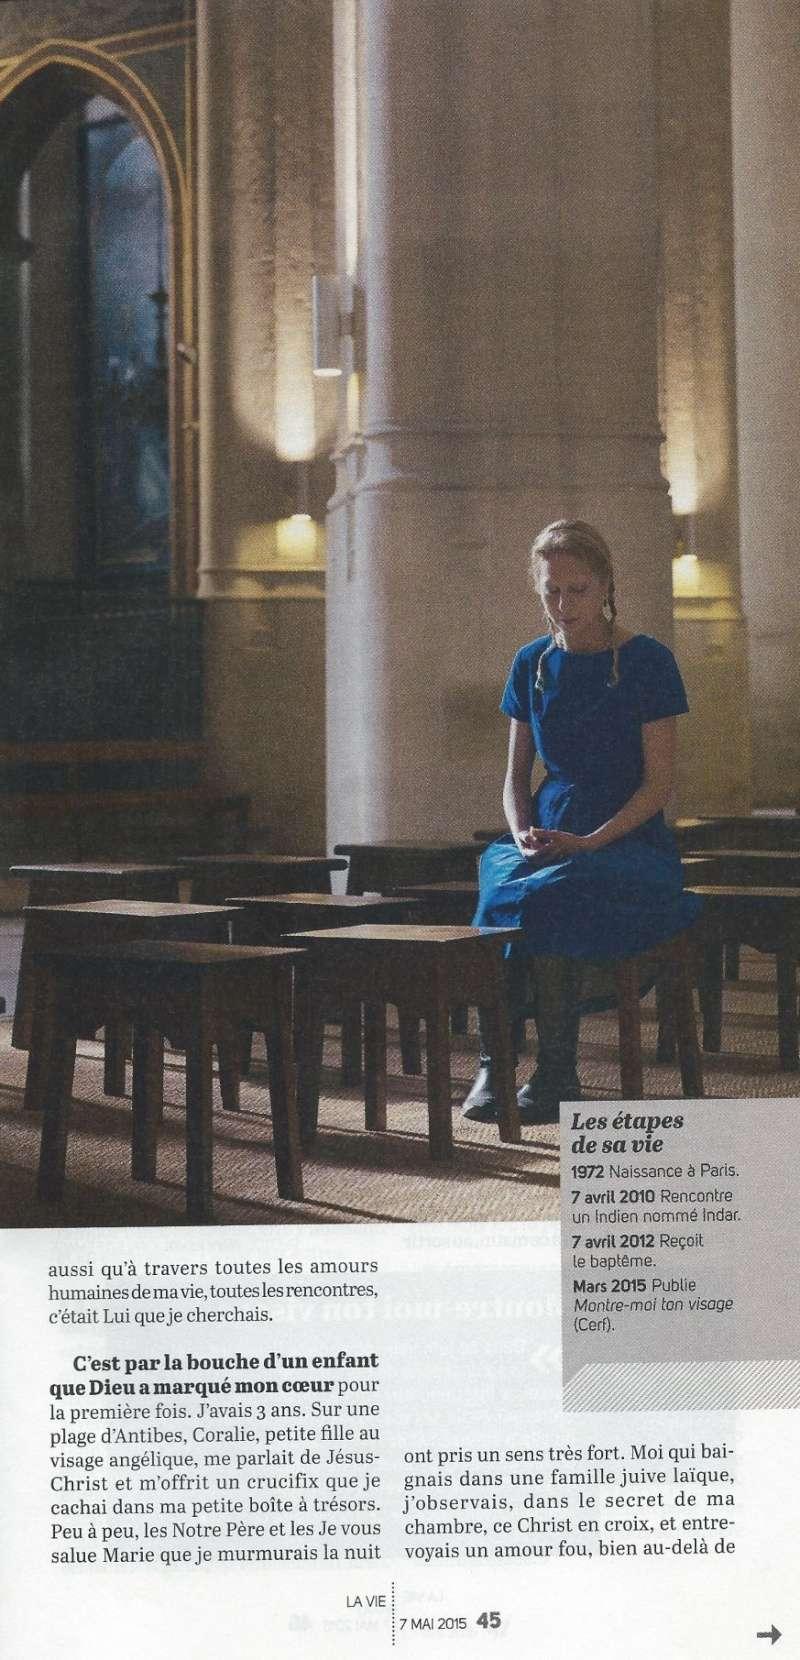 La très touchante conversion de Véronique Lévy au Catholicisme - Page 2 Lavie310